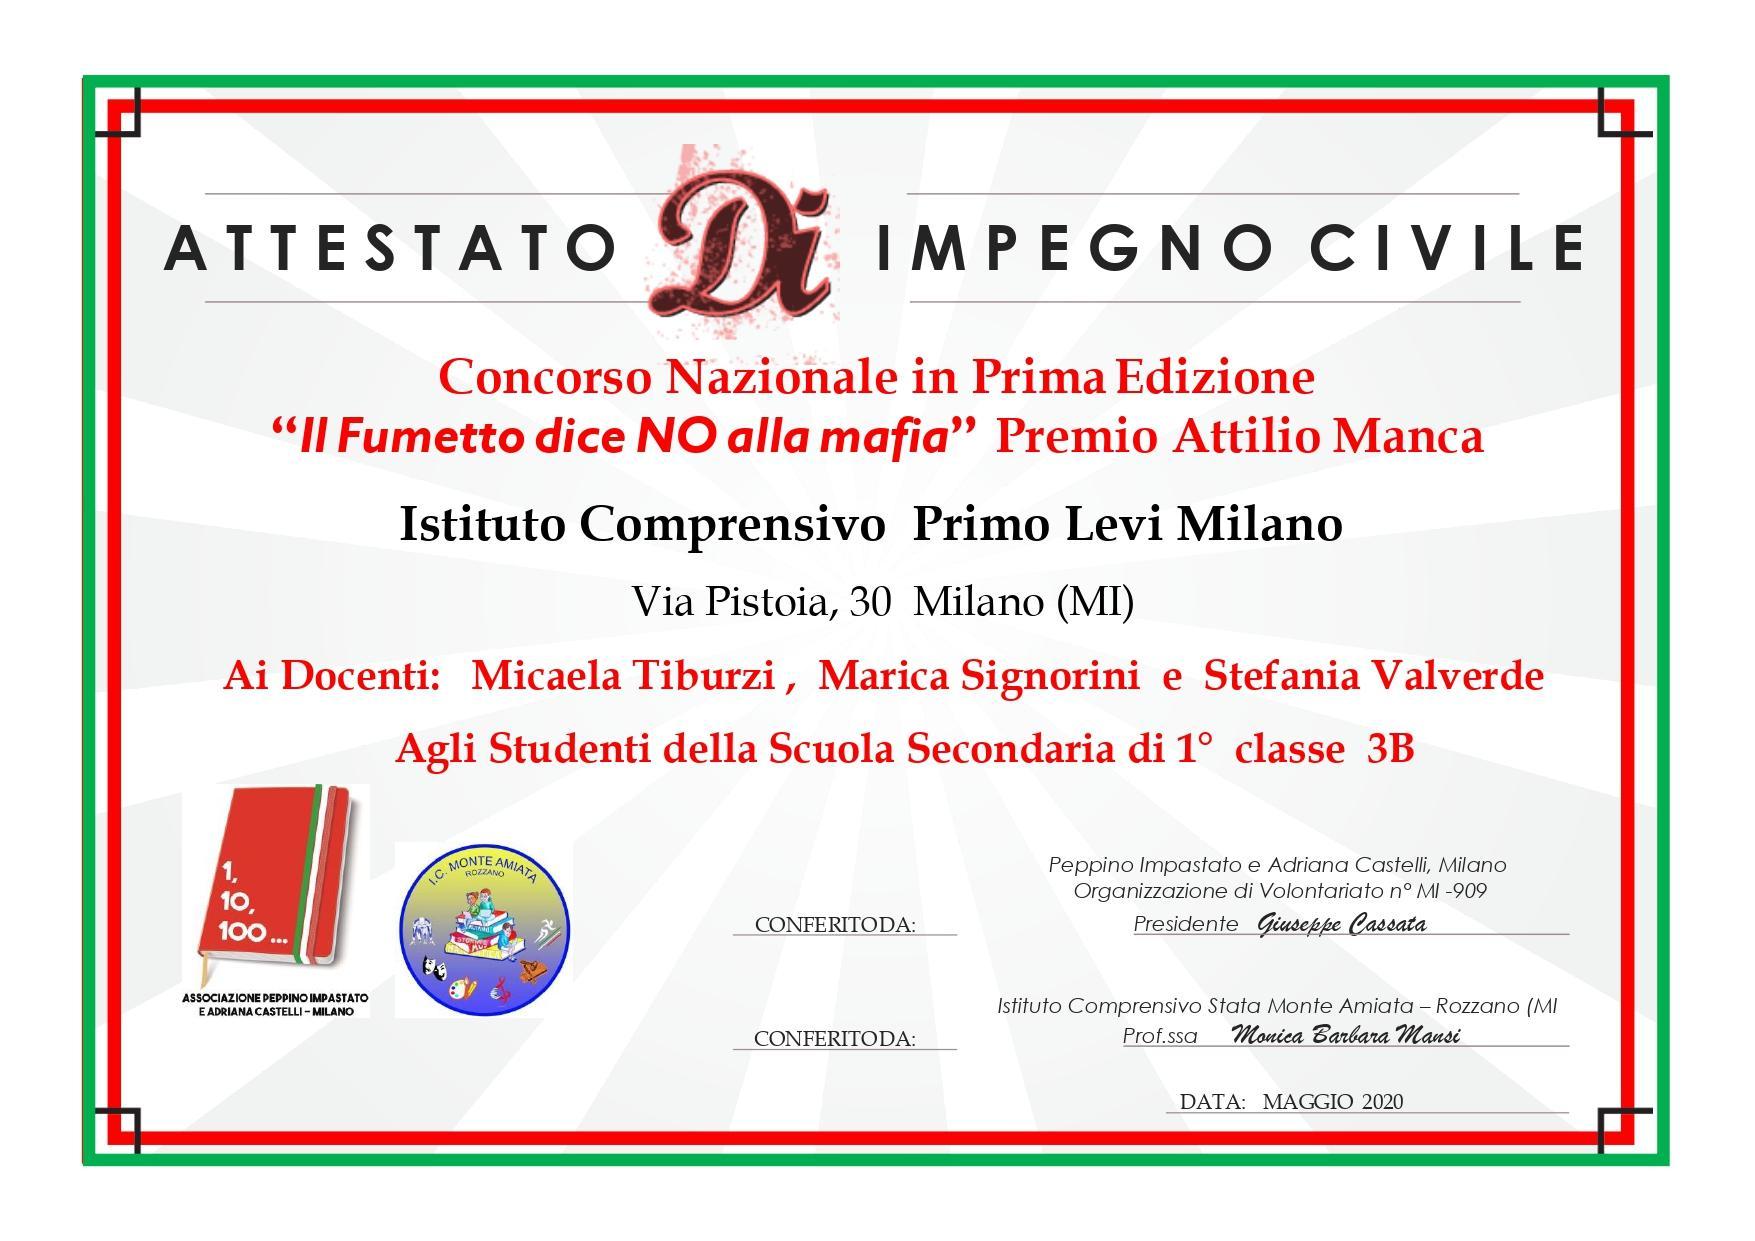 ICS Primo Levi | Immagine: Attestato partecipazione STOP ALLA MAFIA Istituto Comprensivo Primo Levi Milano page 0001